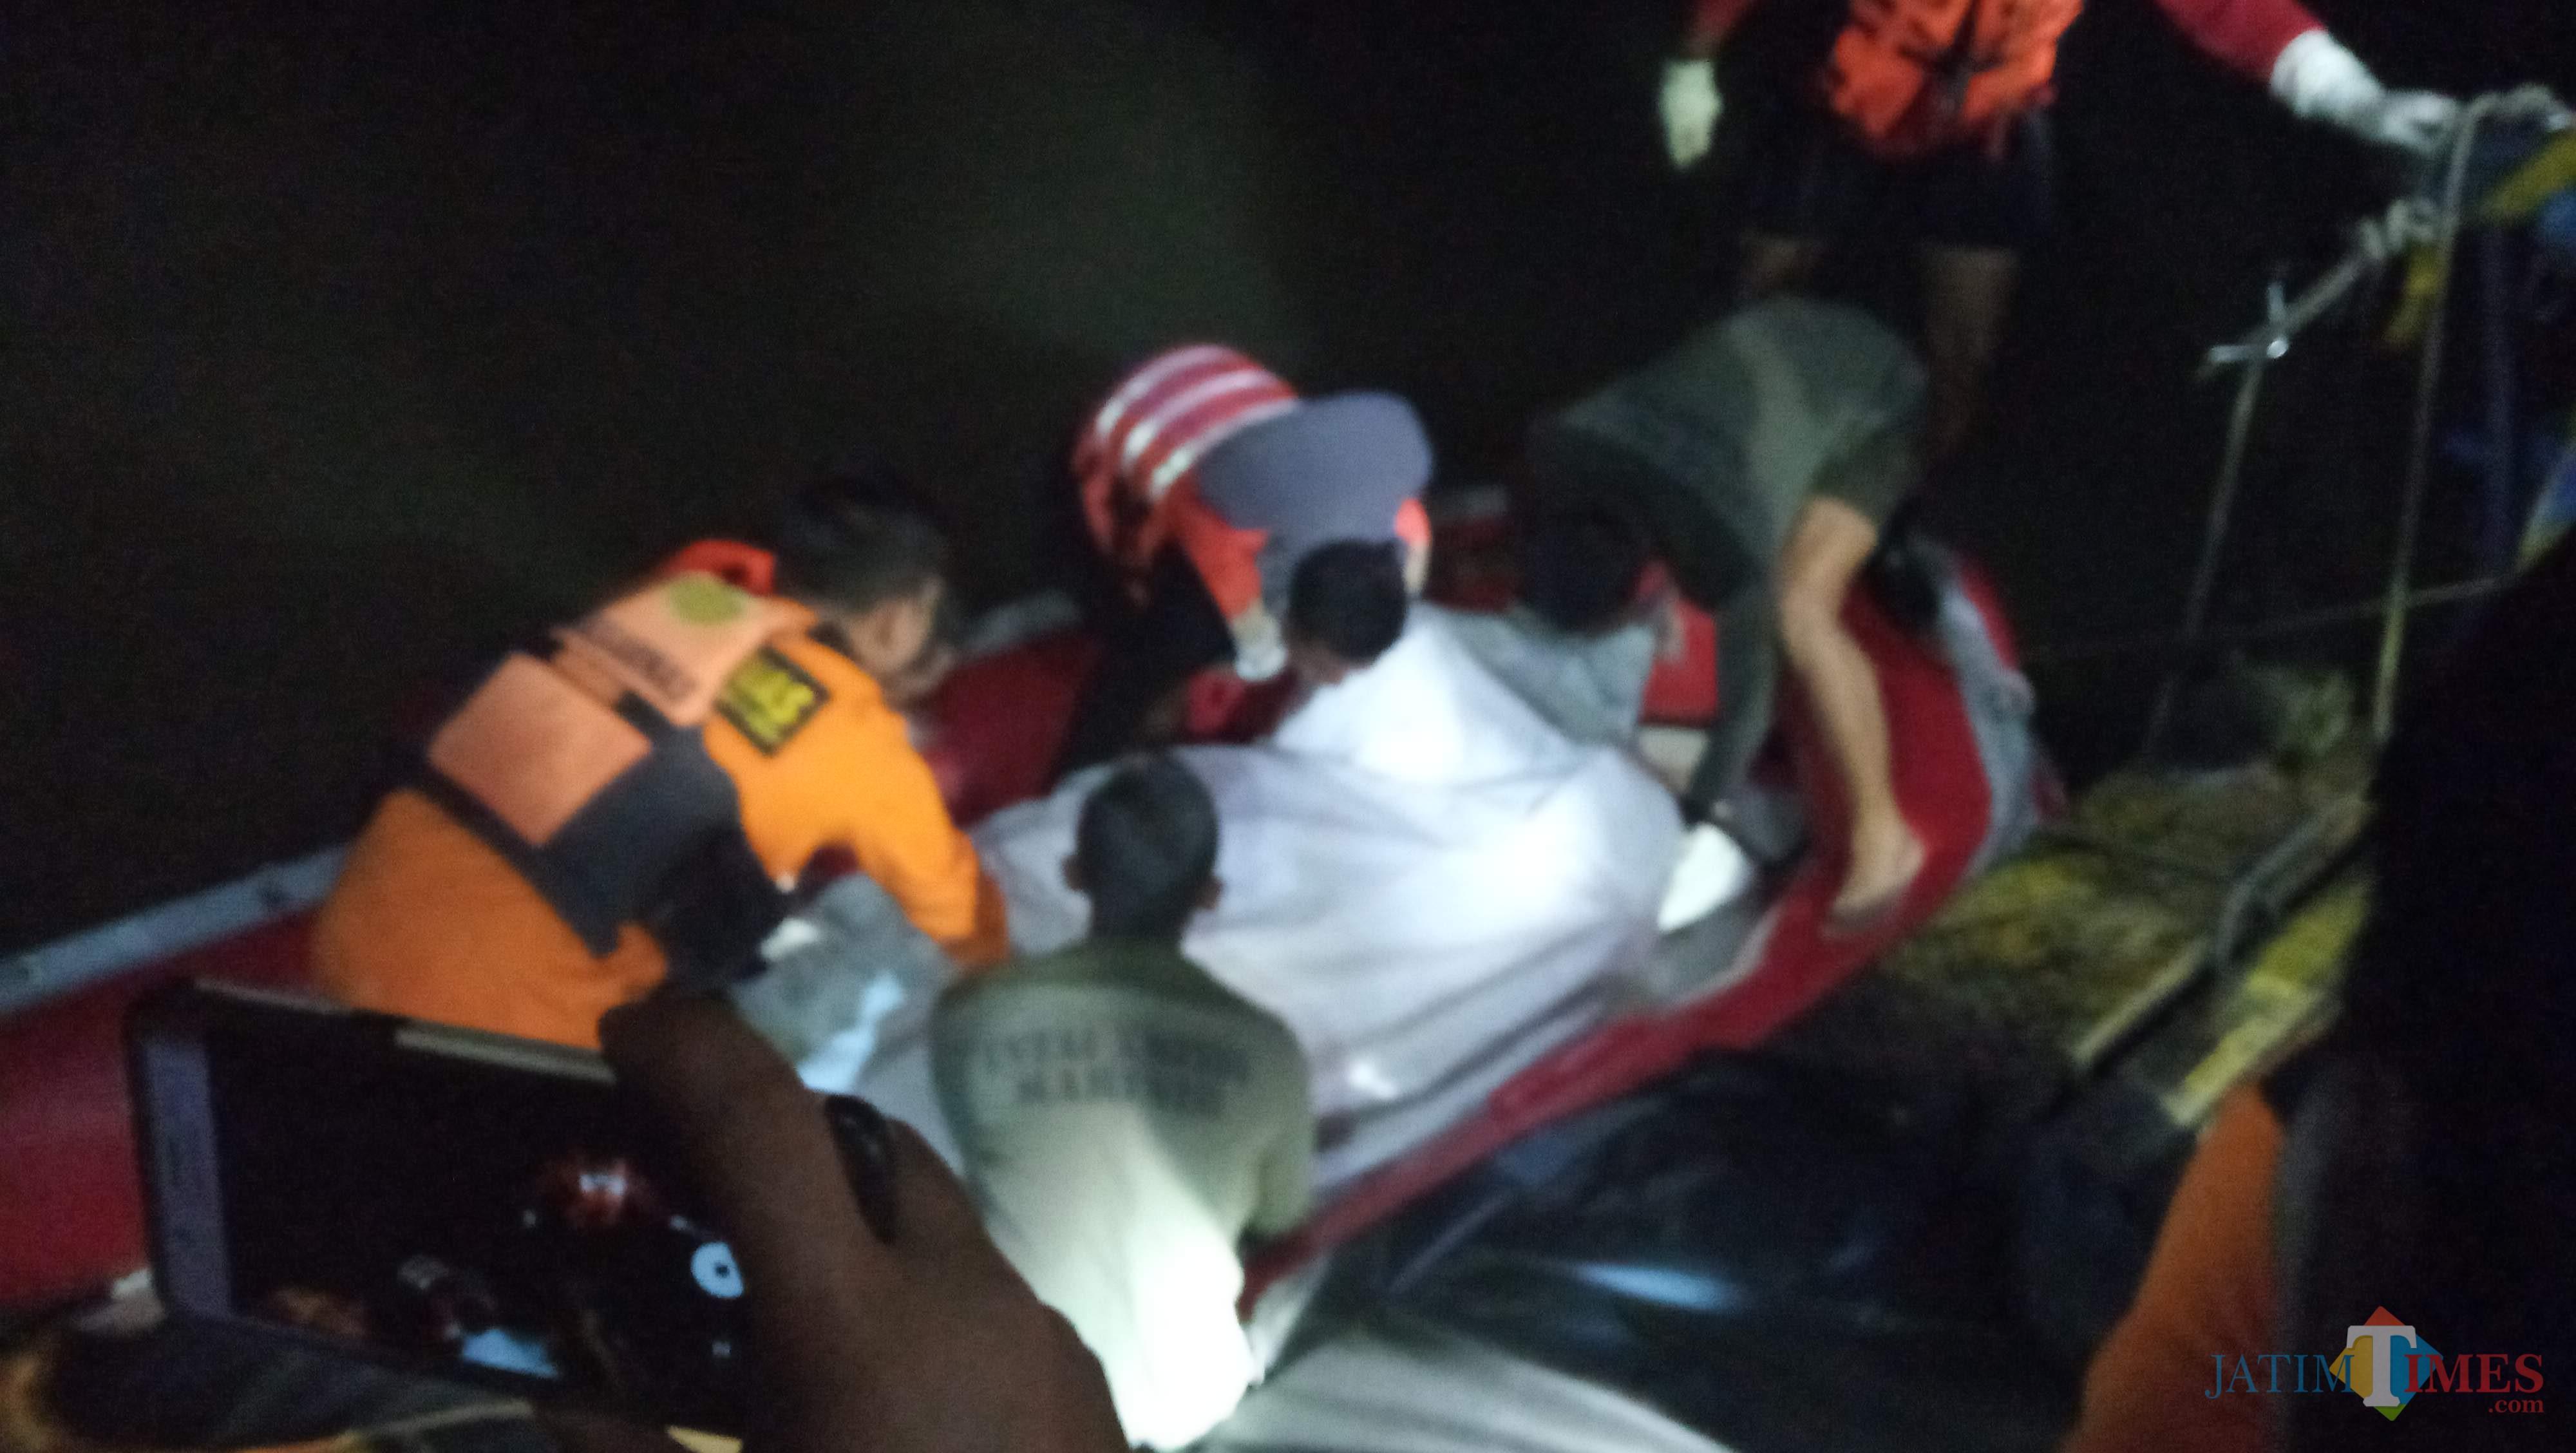 Korban saat hendak dinaikkan ke atas dermaga untuk selanjutnya dibawa ke RSUD dr Iskak. (foto : Joko Pramono/Jatim Times)